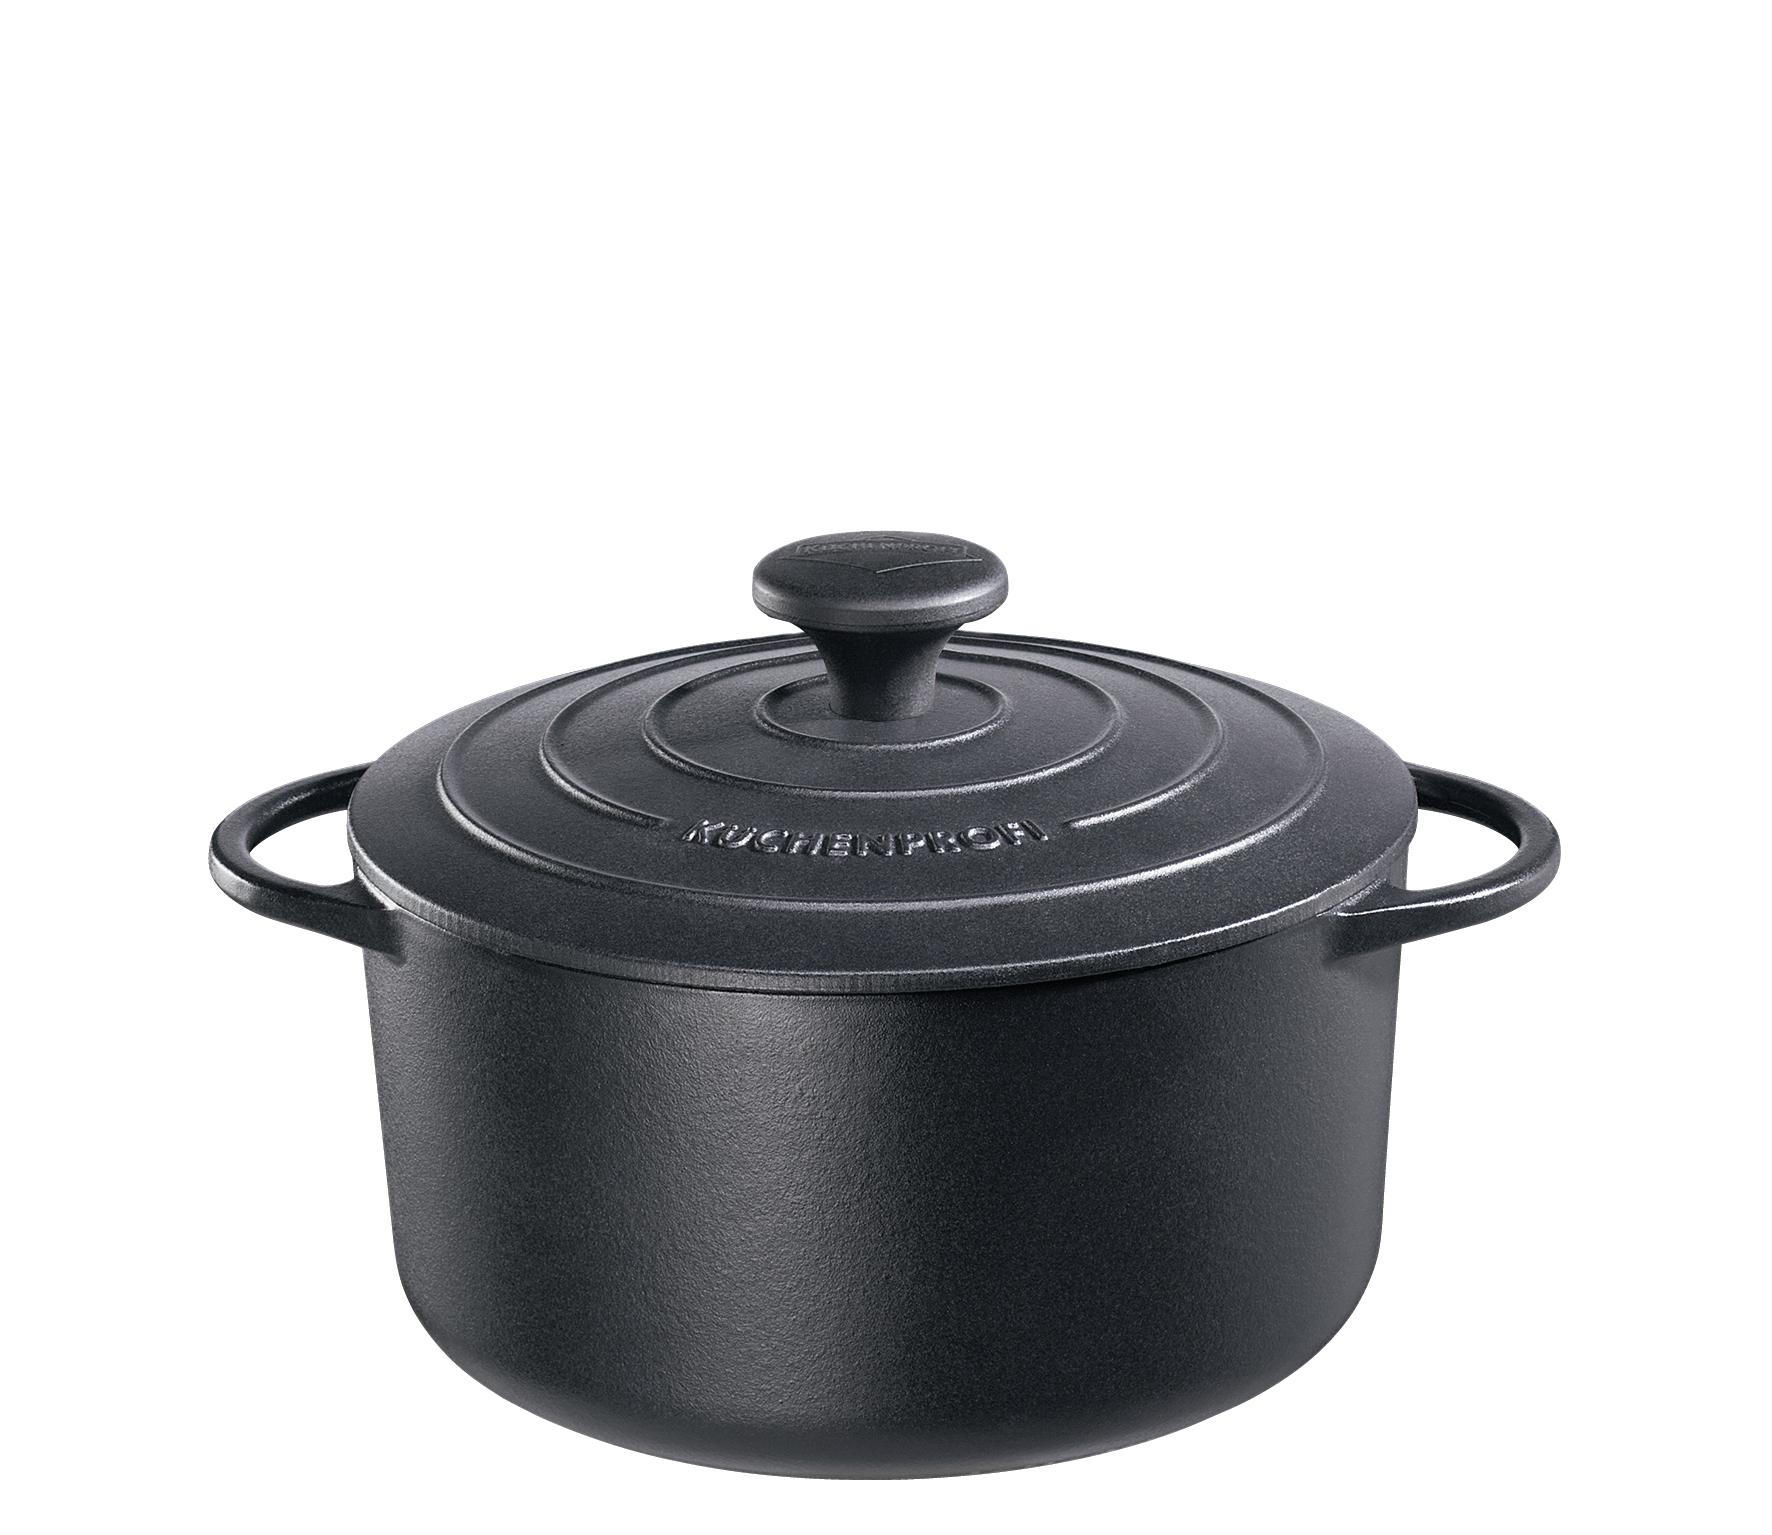 Litinový hrnec 22 cm černý Provence - Küchenprofi